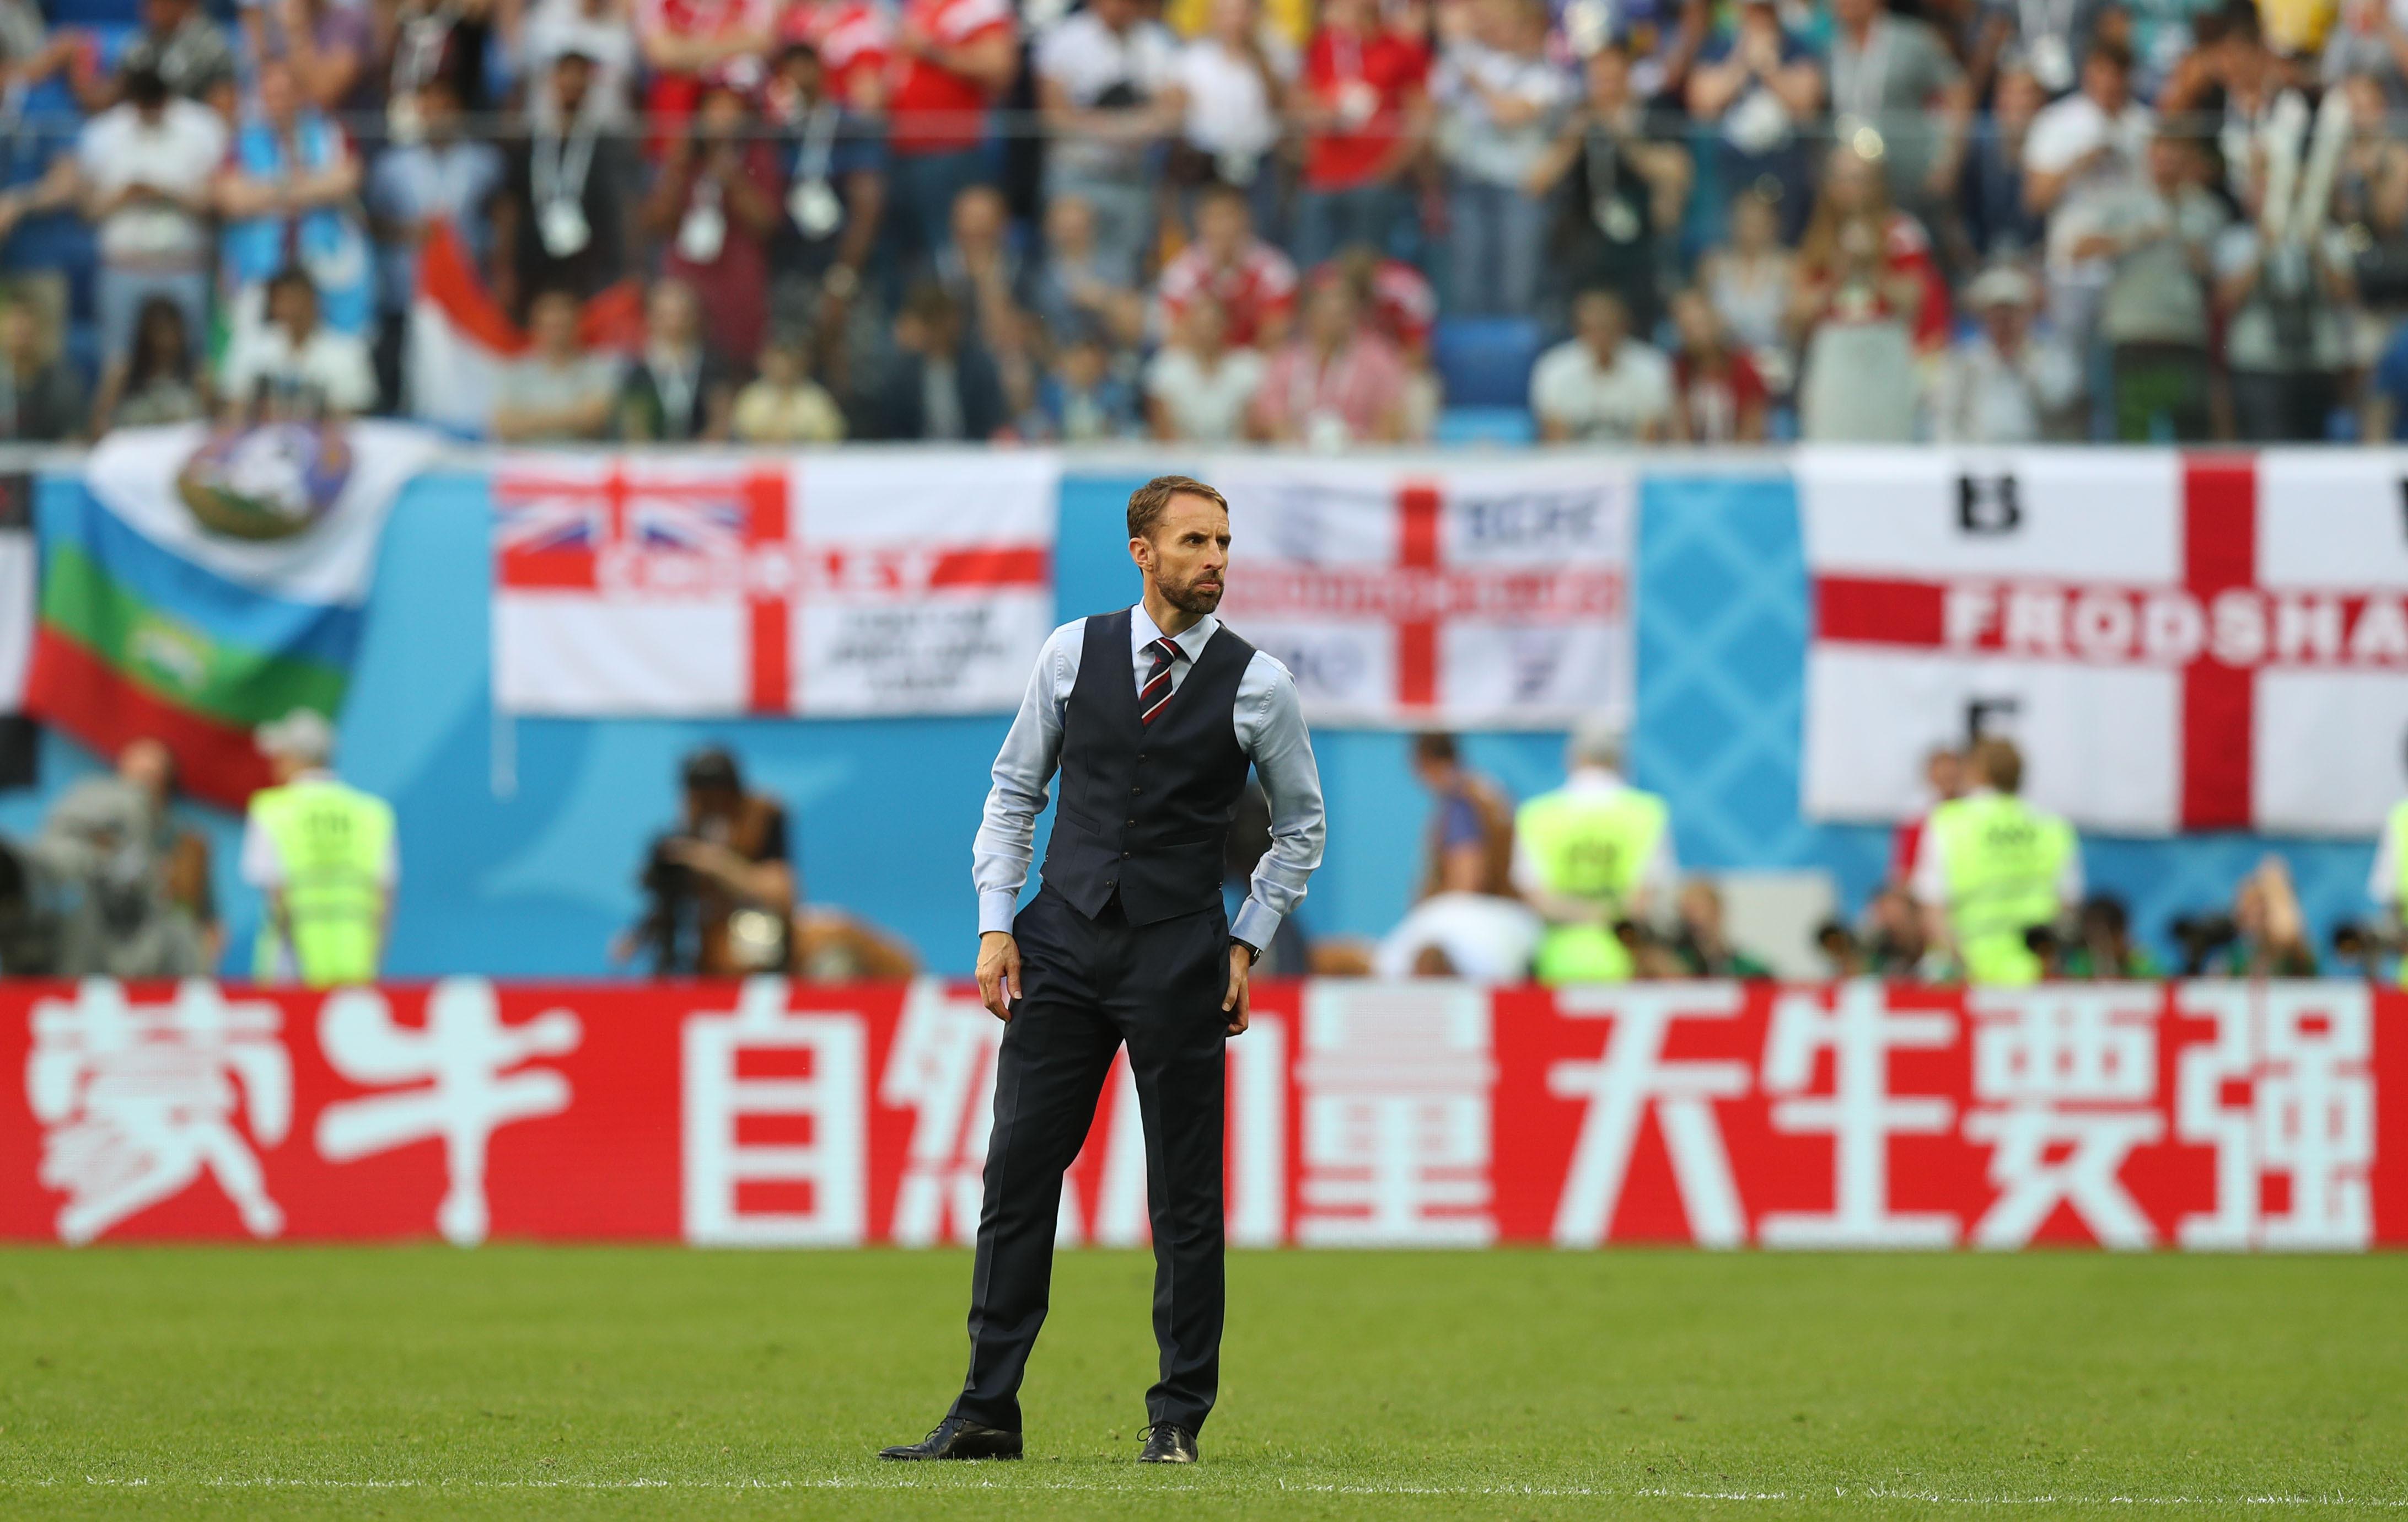 2018年7月14日,英格兰队主教练索斯盖特在比赛后。当日,在圣彼得堡进行的2018俄罗斯世界杯足球赛三四名决赛中,英格兰队以0比2不敌比利时队,最终获得第四名。新华社记者鲁金博摄